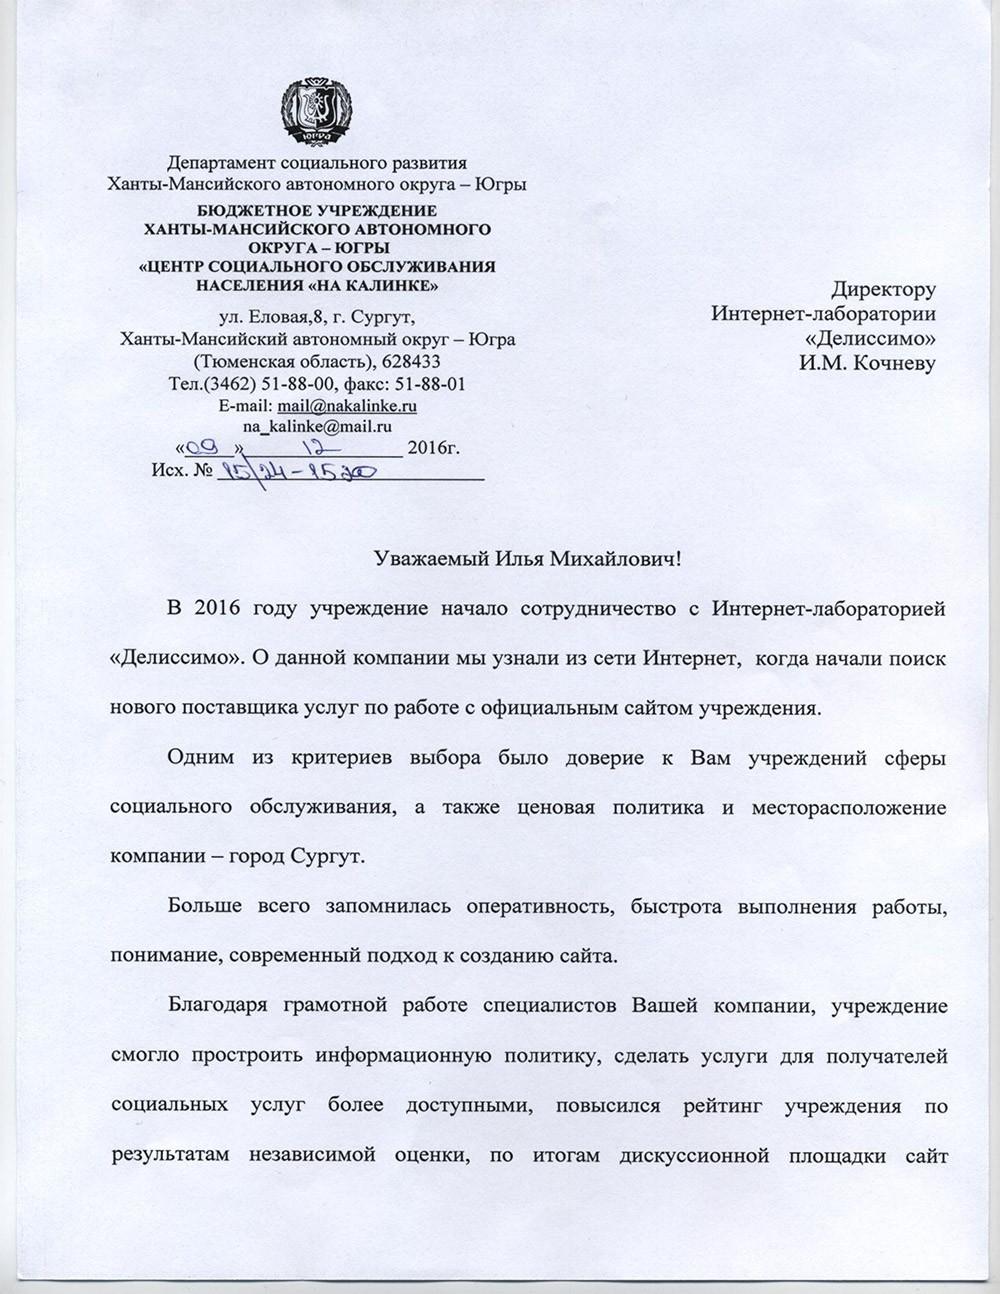 БУ ХМАО-Югры КЦСОН «На Калинке», 2016г. — 1